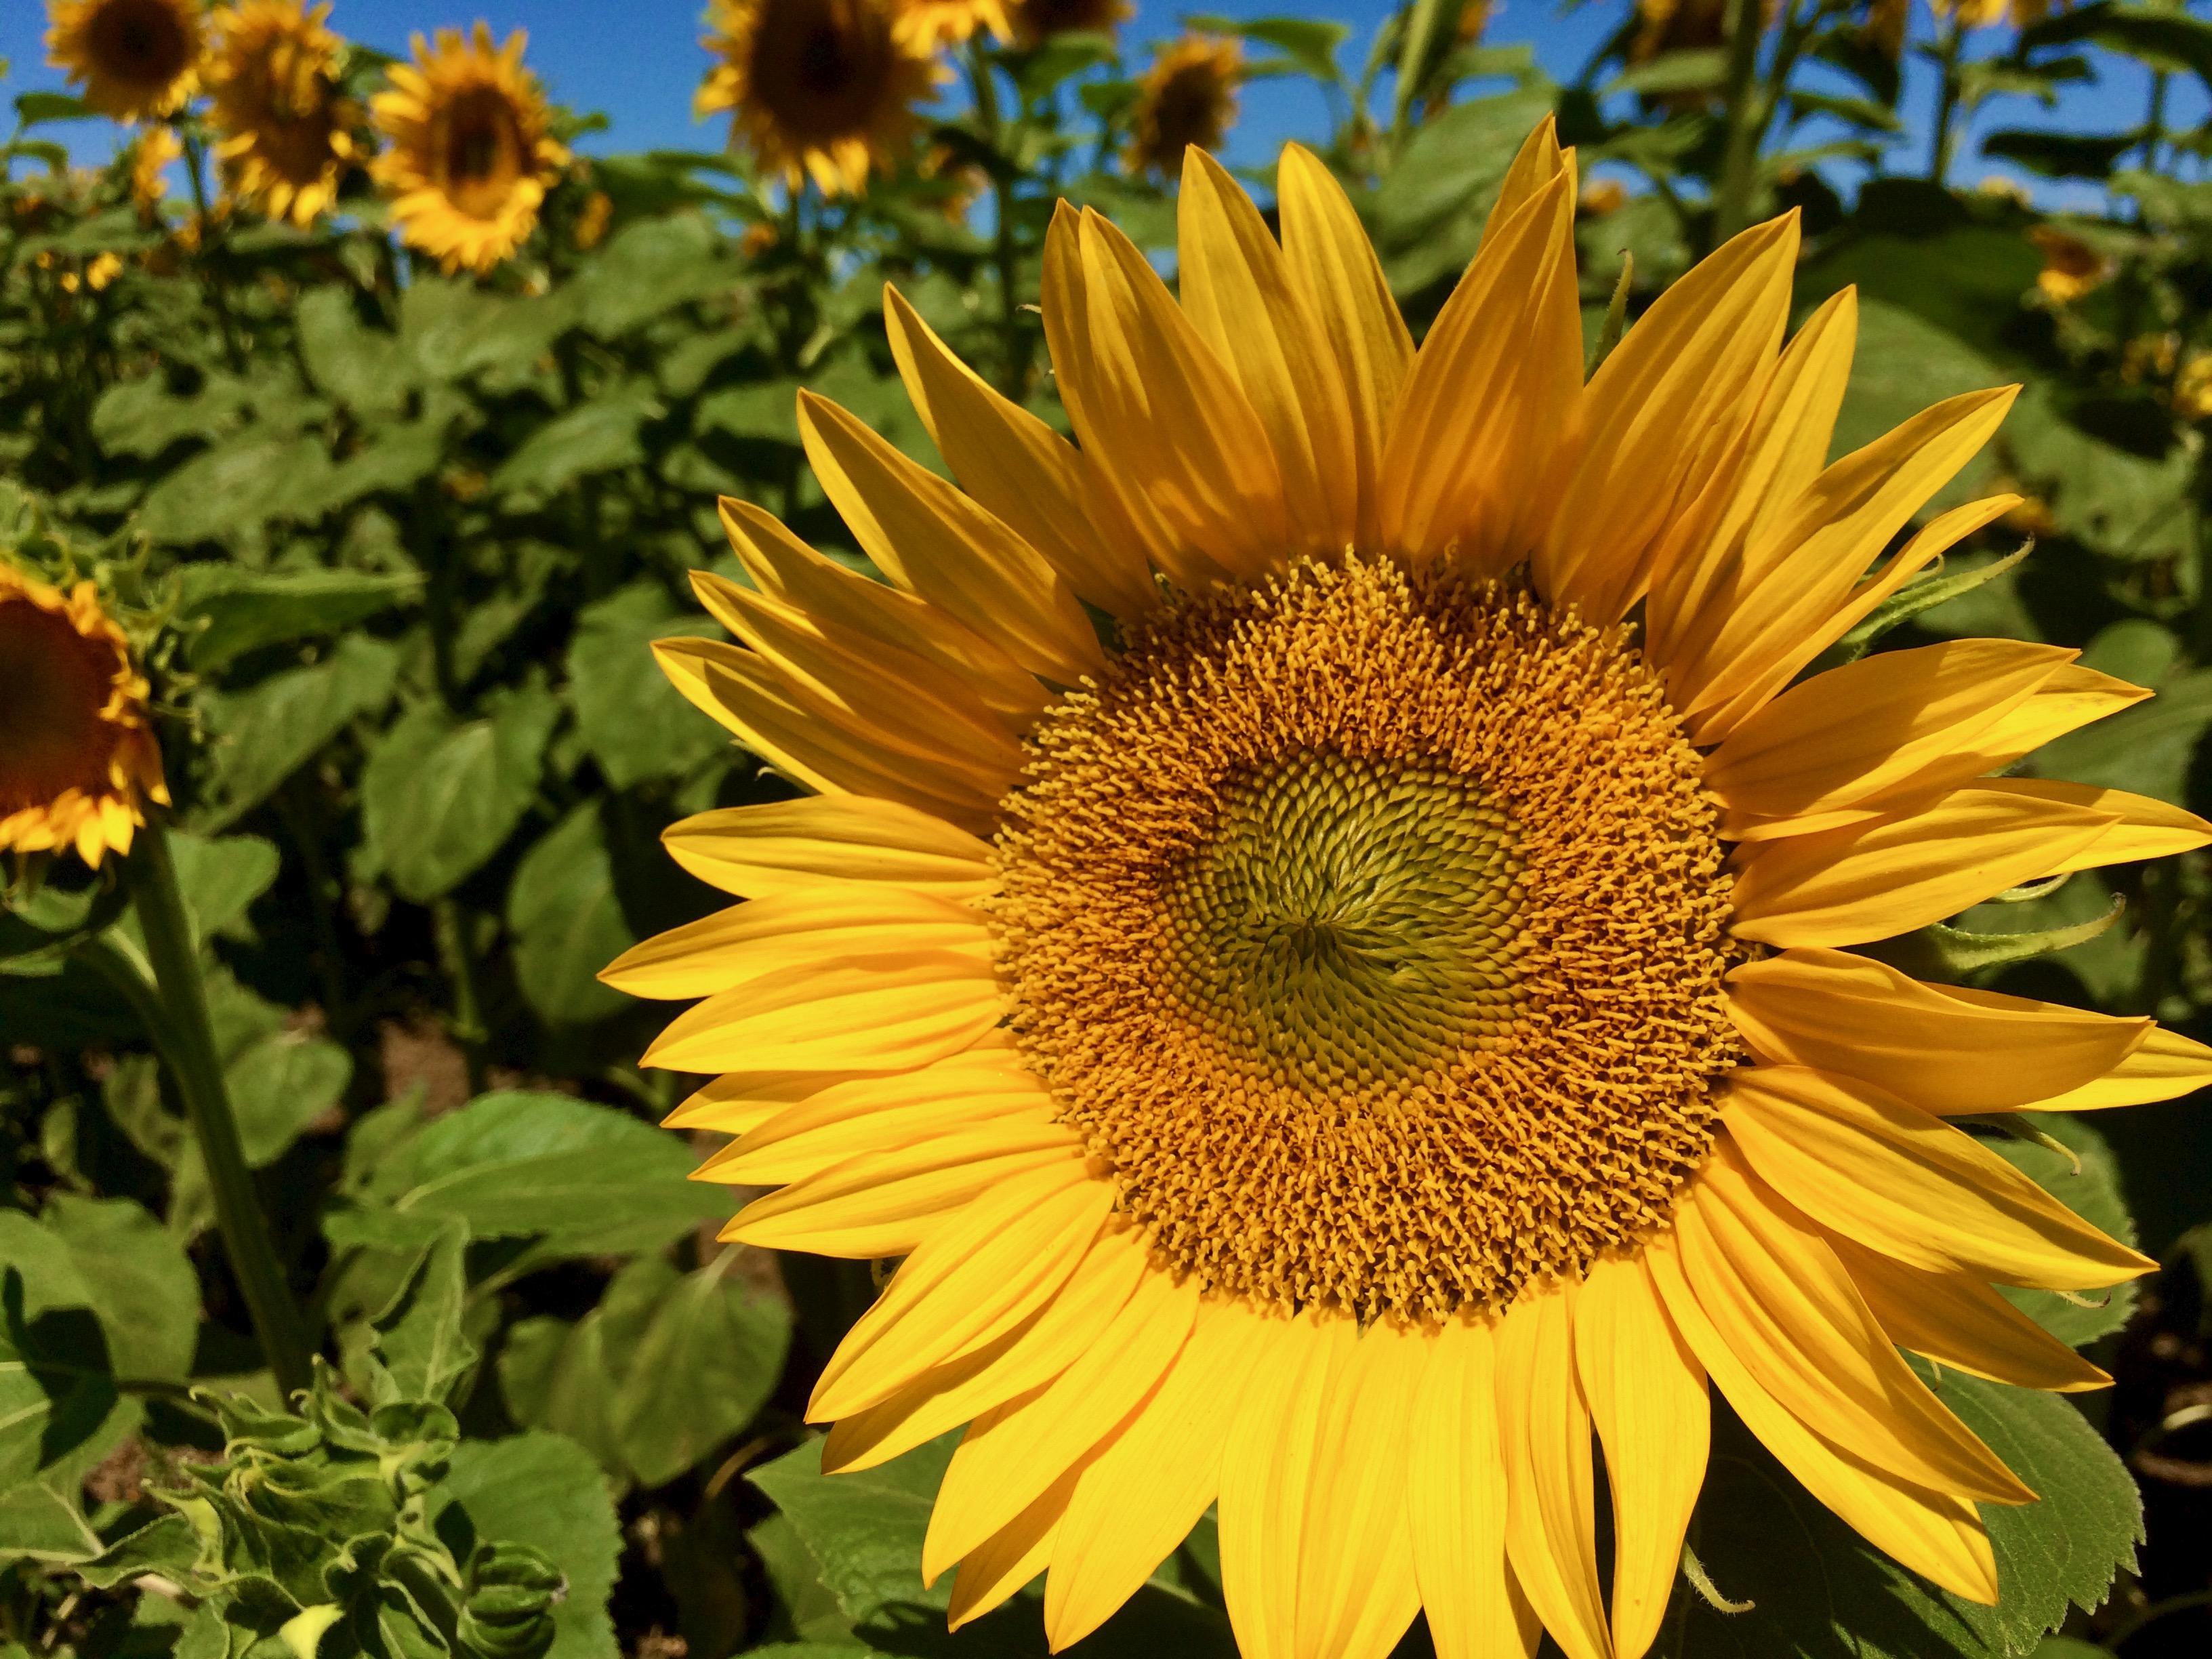 Sunflower - 6.jpeg